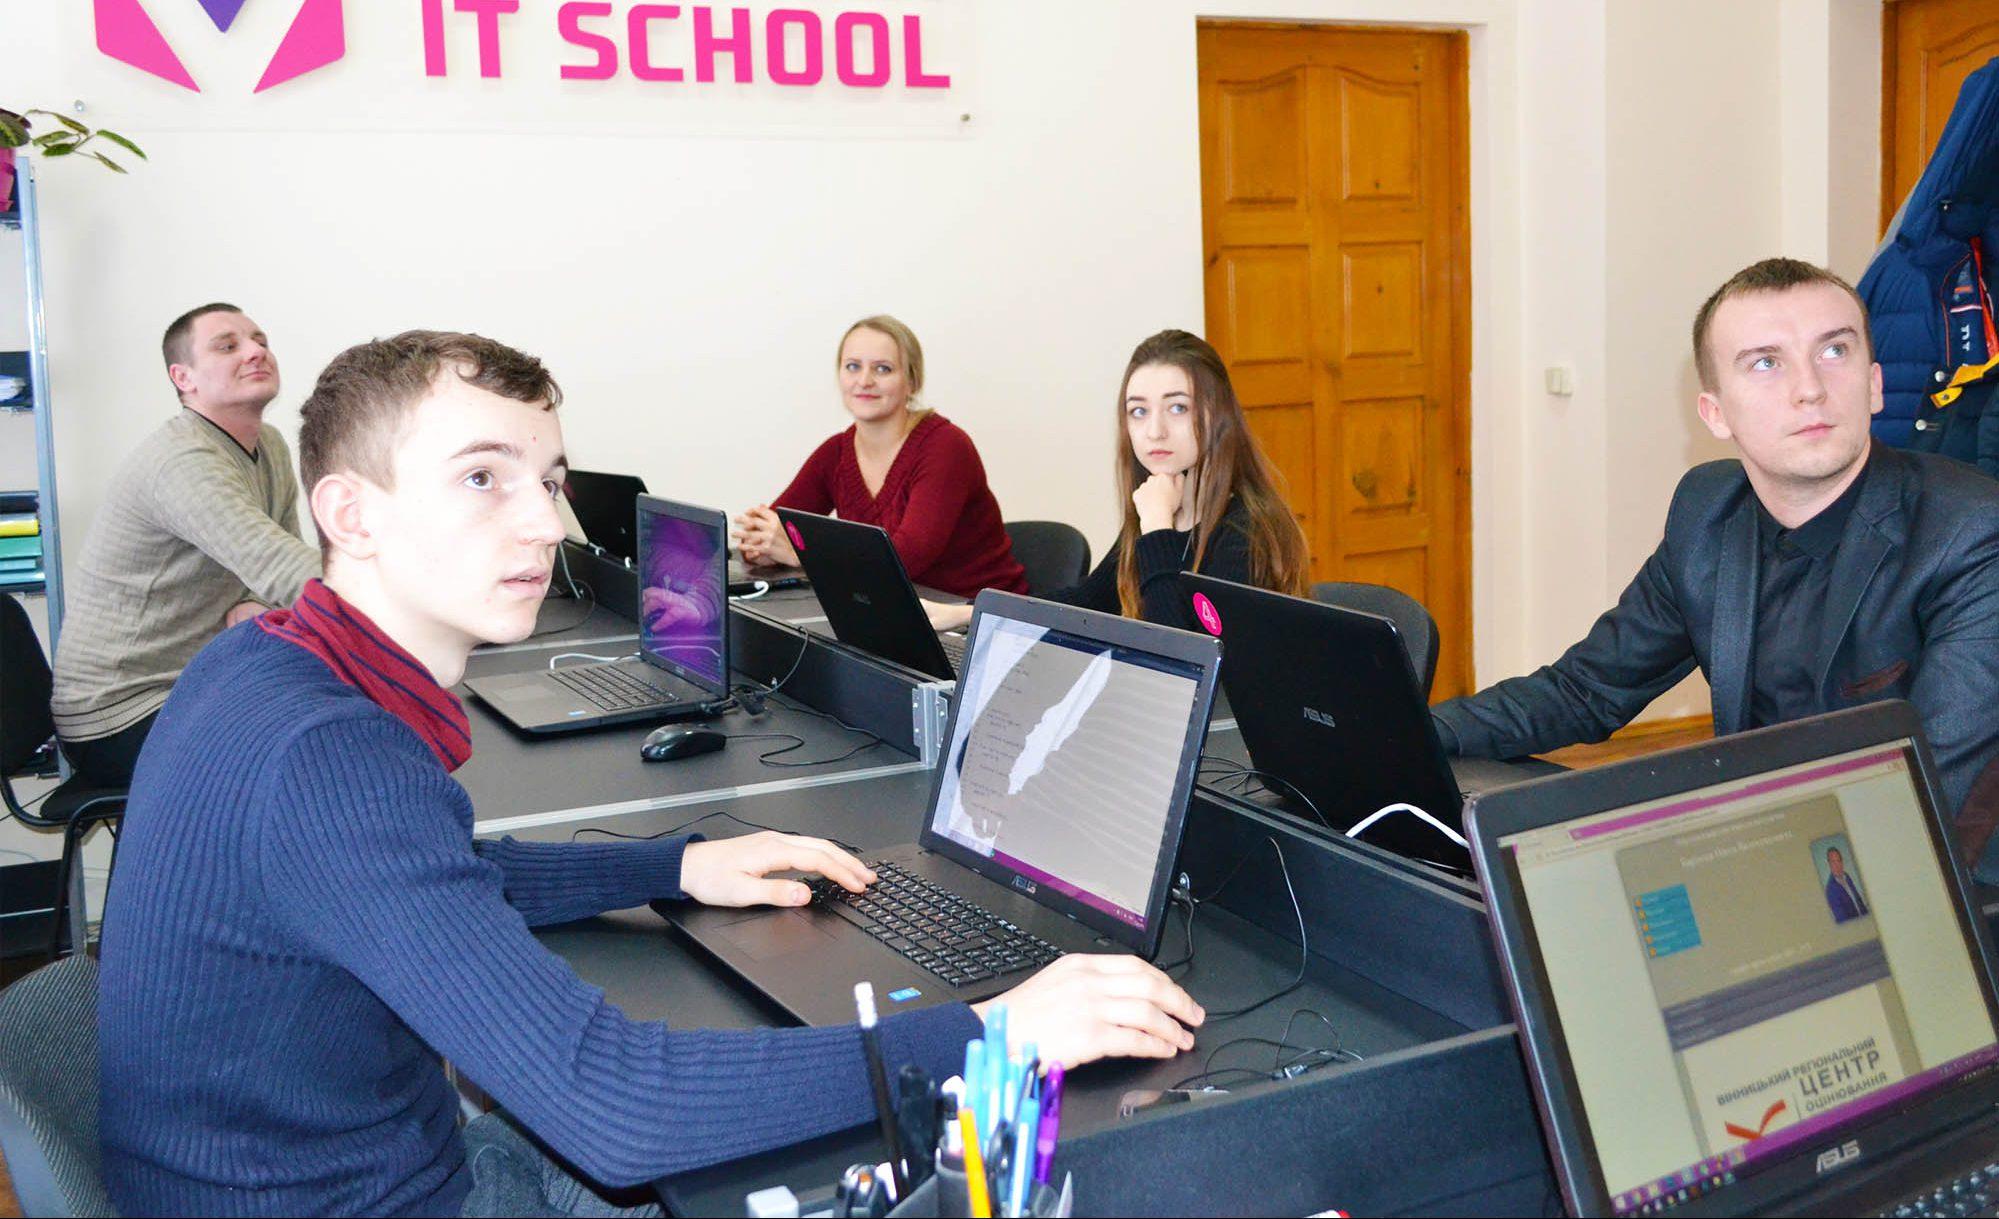 vinnytsia.it.school1102183